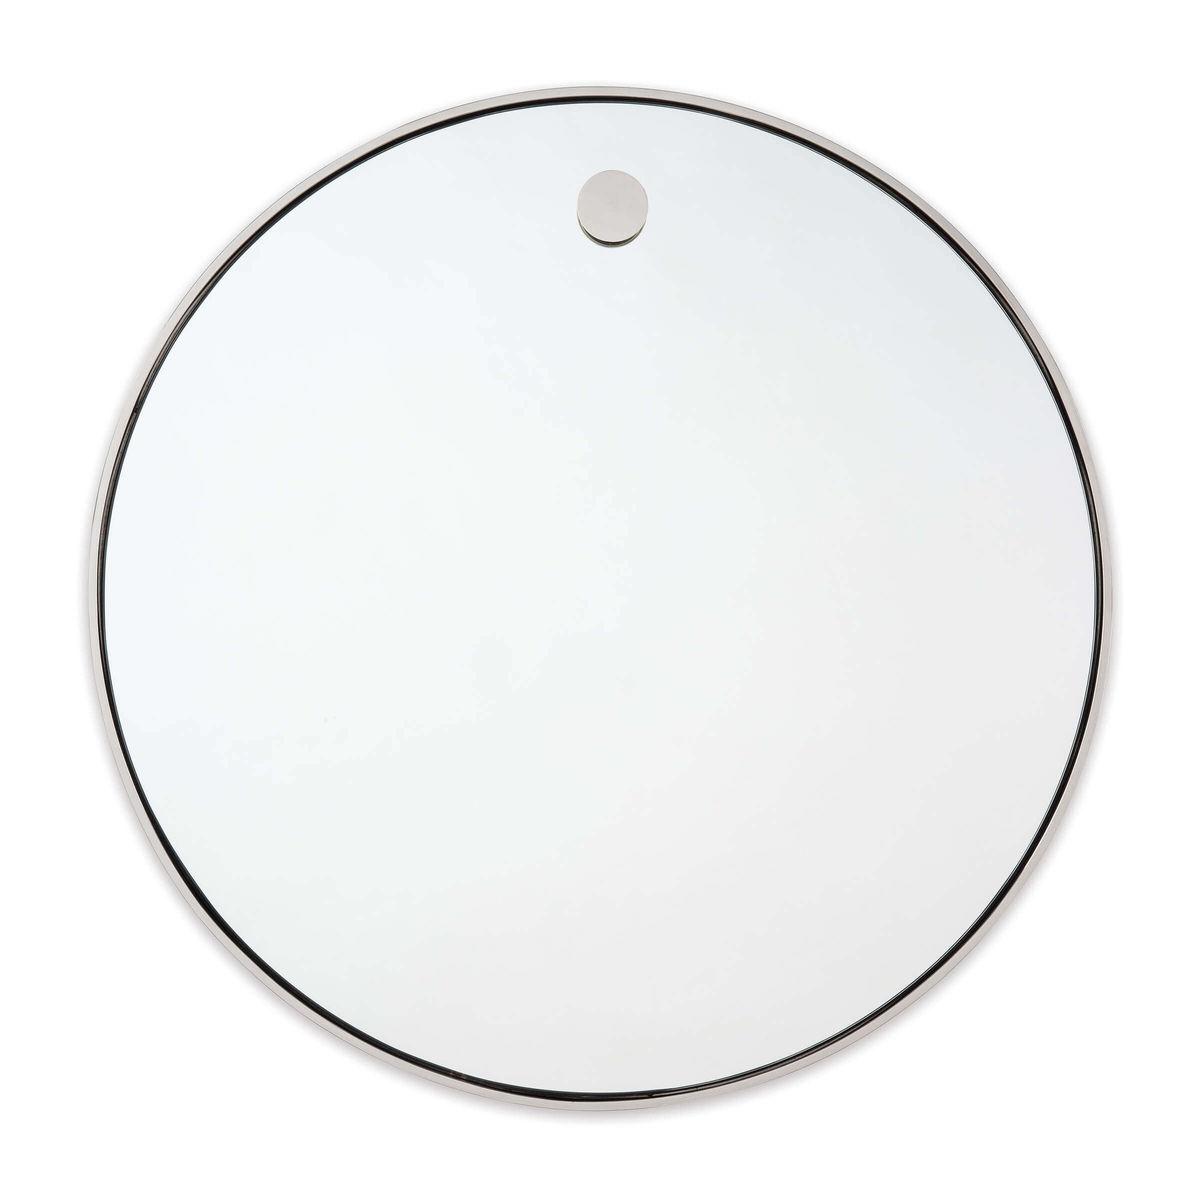 Hanging Circular Mirror (Polished Nickel)